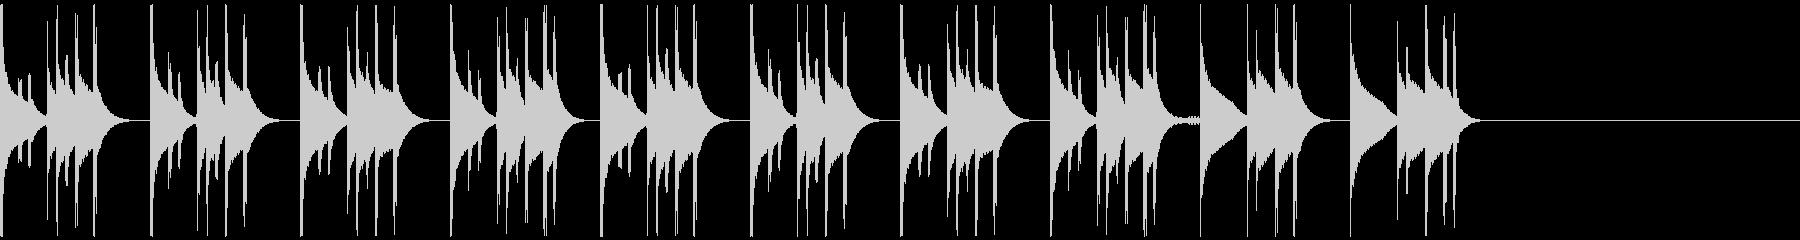 緊張感・切迫感・ミステリアス・スリリングの未再生の波形